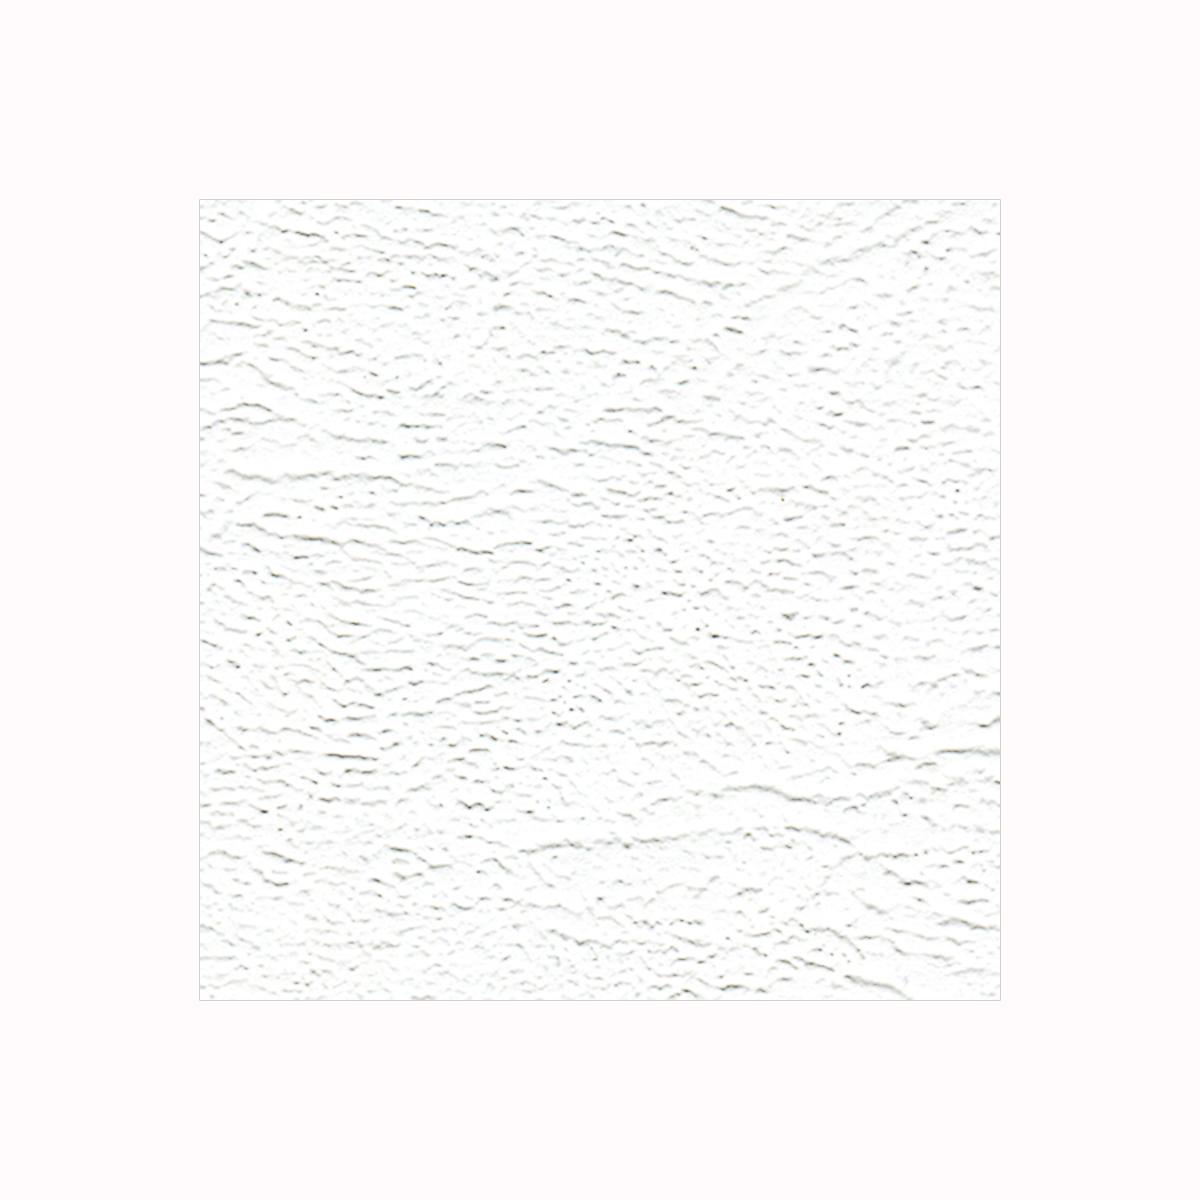 Бумага фактурная Лоза Кожа, цвет: белый, 3 листаK100Фактурная бумага для скрапбукинга Лоза Кожа позволит создать красивый альбом, фоторамку или открытку ручной работы, оформить подарок или аппликацию. Набор включает в себя 3 листа из плотной бумаги. Скрапбукинг - это хобби, которое способно приносить массу приятных эмоций не только человеку, который этим занимается, но и его близким, друзьям, родным. Это невероятно увлекательное занятие, которое поможет вам сохранить наиболее памятные и яркие моменты вашей жизни, а также интересно оформить интерьер дома.